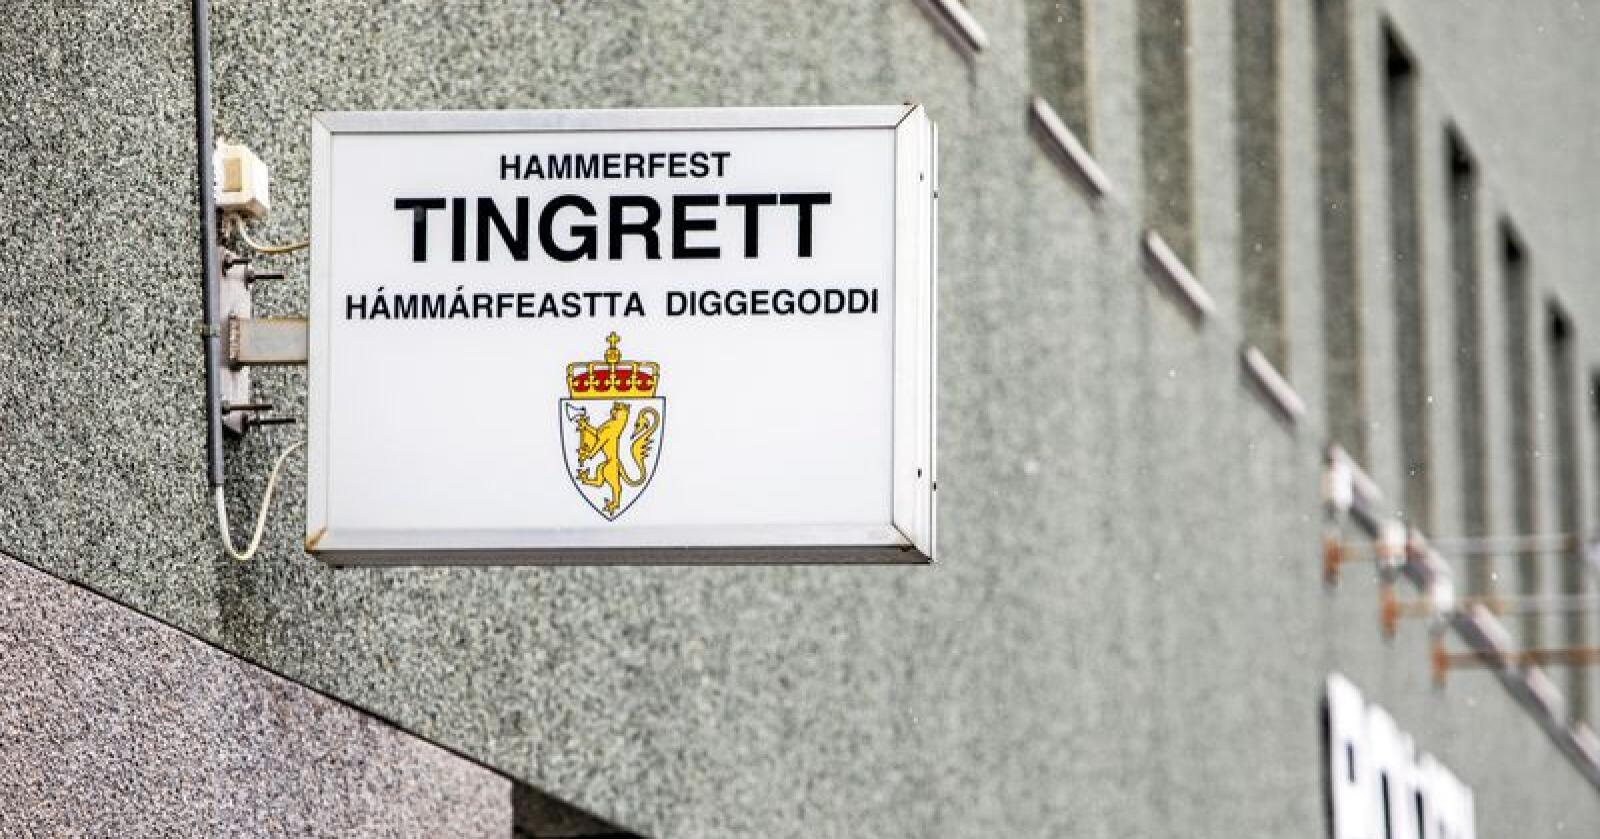 Færre: Et utvalg foreslår å redusere antallet tingretter fra 60 til 22. Foto: Ole Berg-Rusten / NTB Scanpix